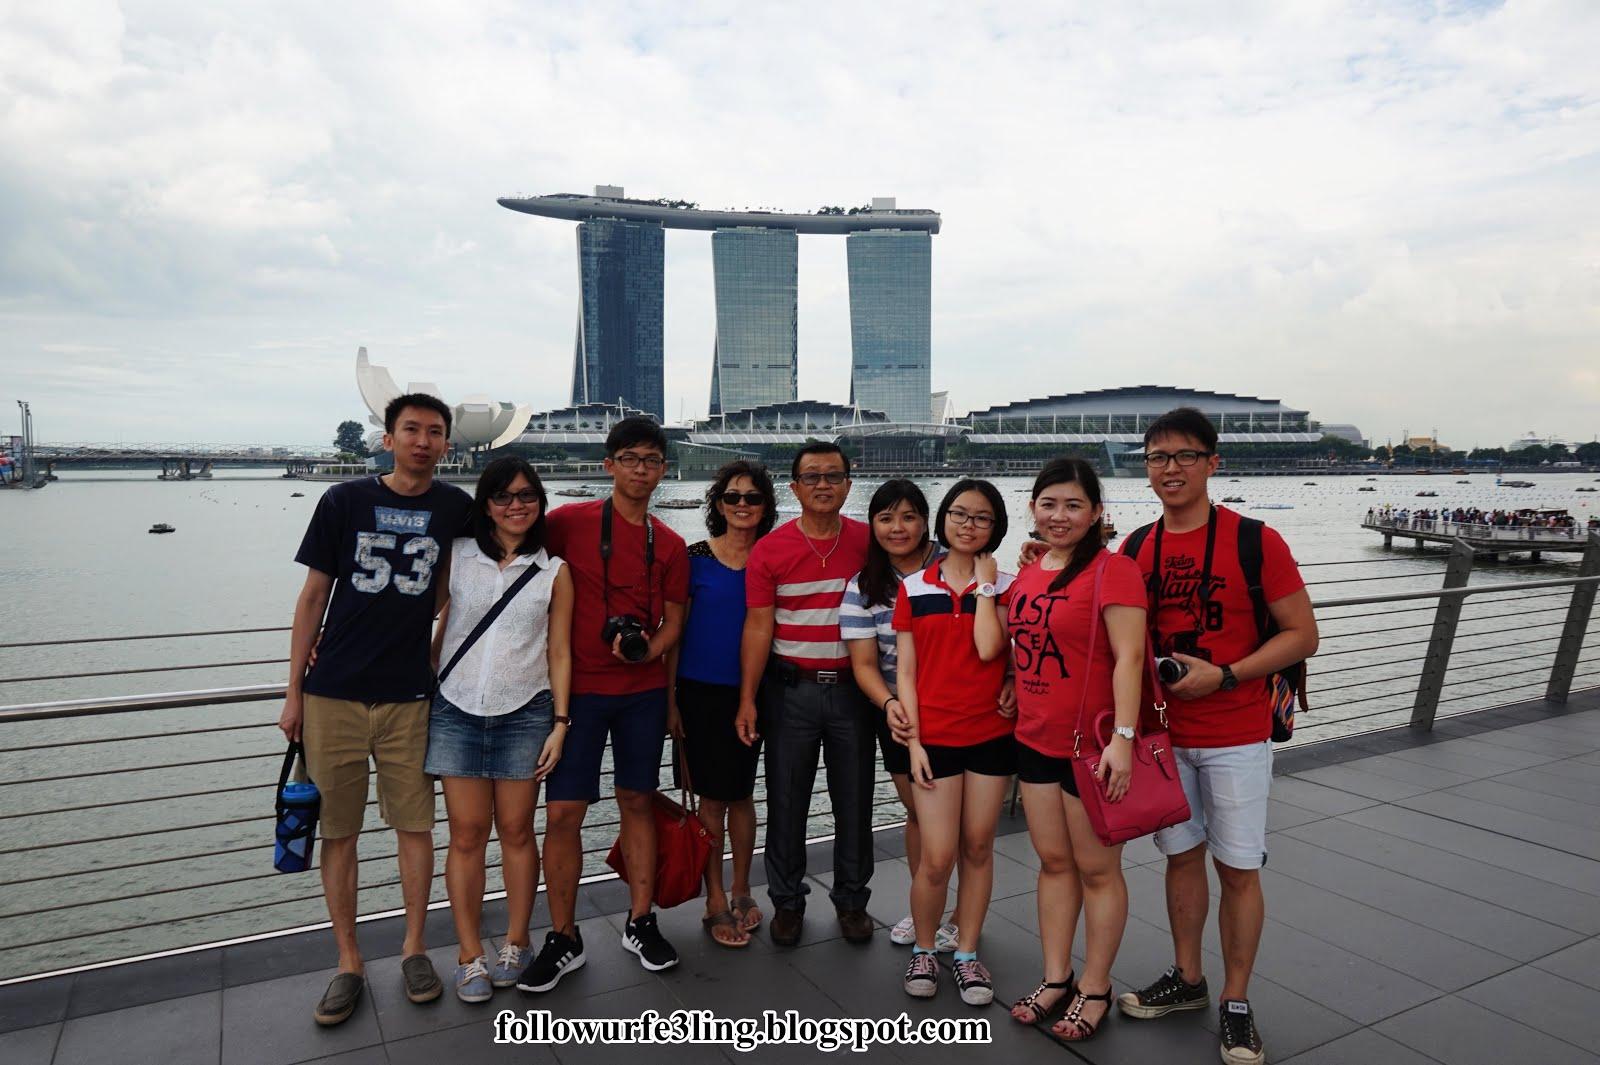 狮城新加坡之9+1家庭游 | 2015